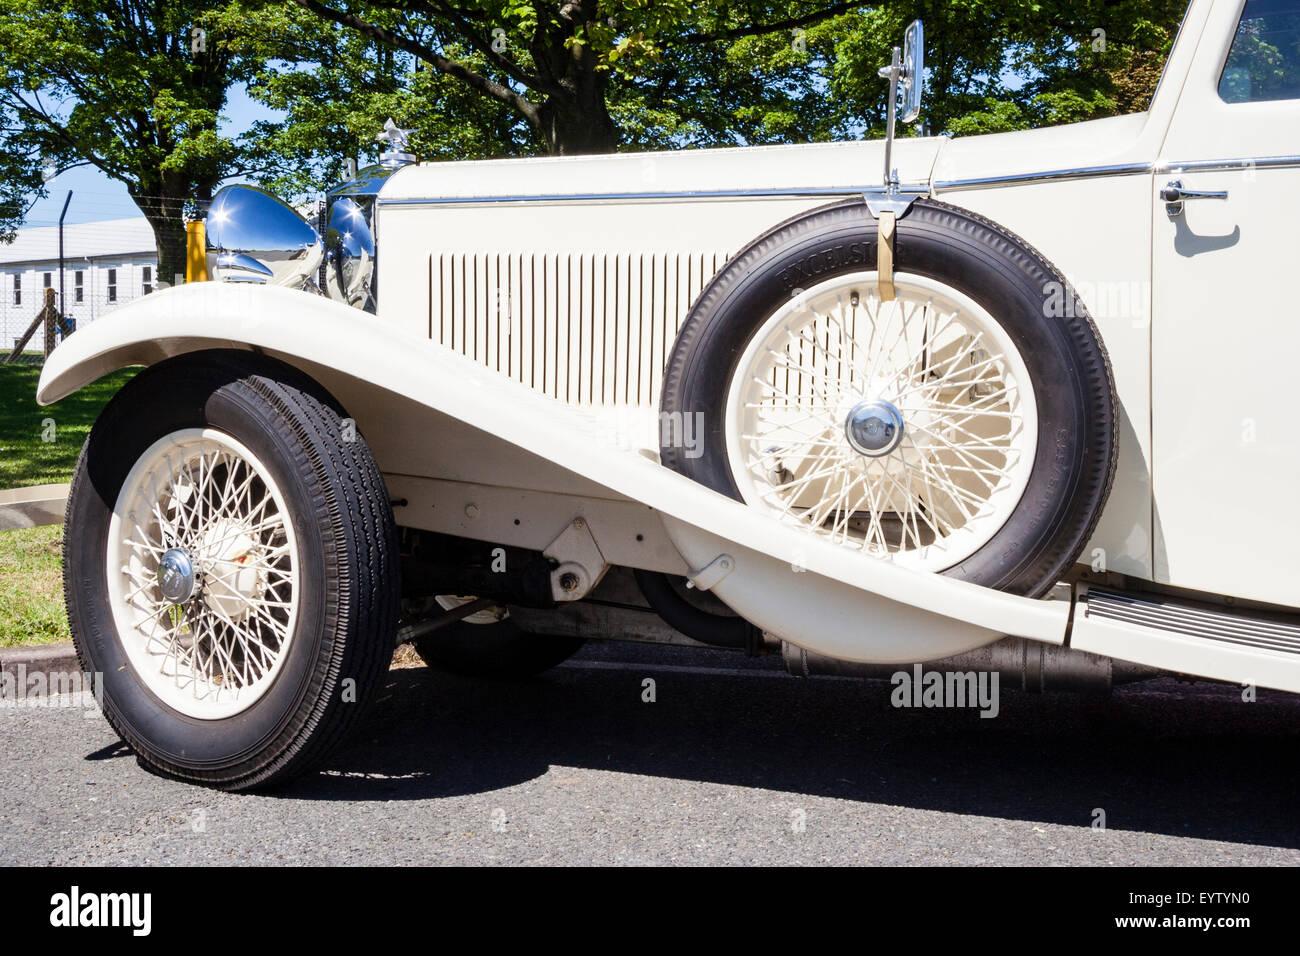 Classic Car Bonnet Stock Photos & Classic Car Bonnet Stock Images ...